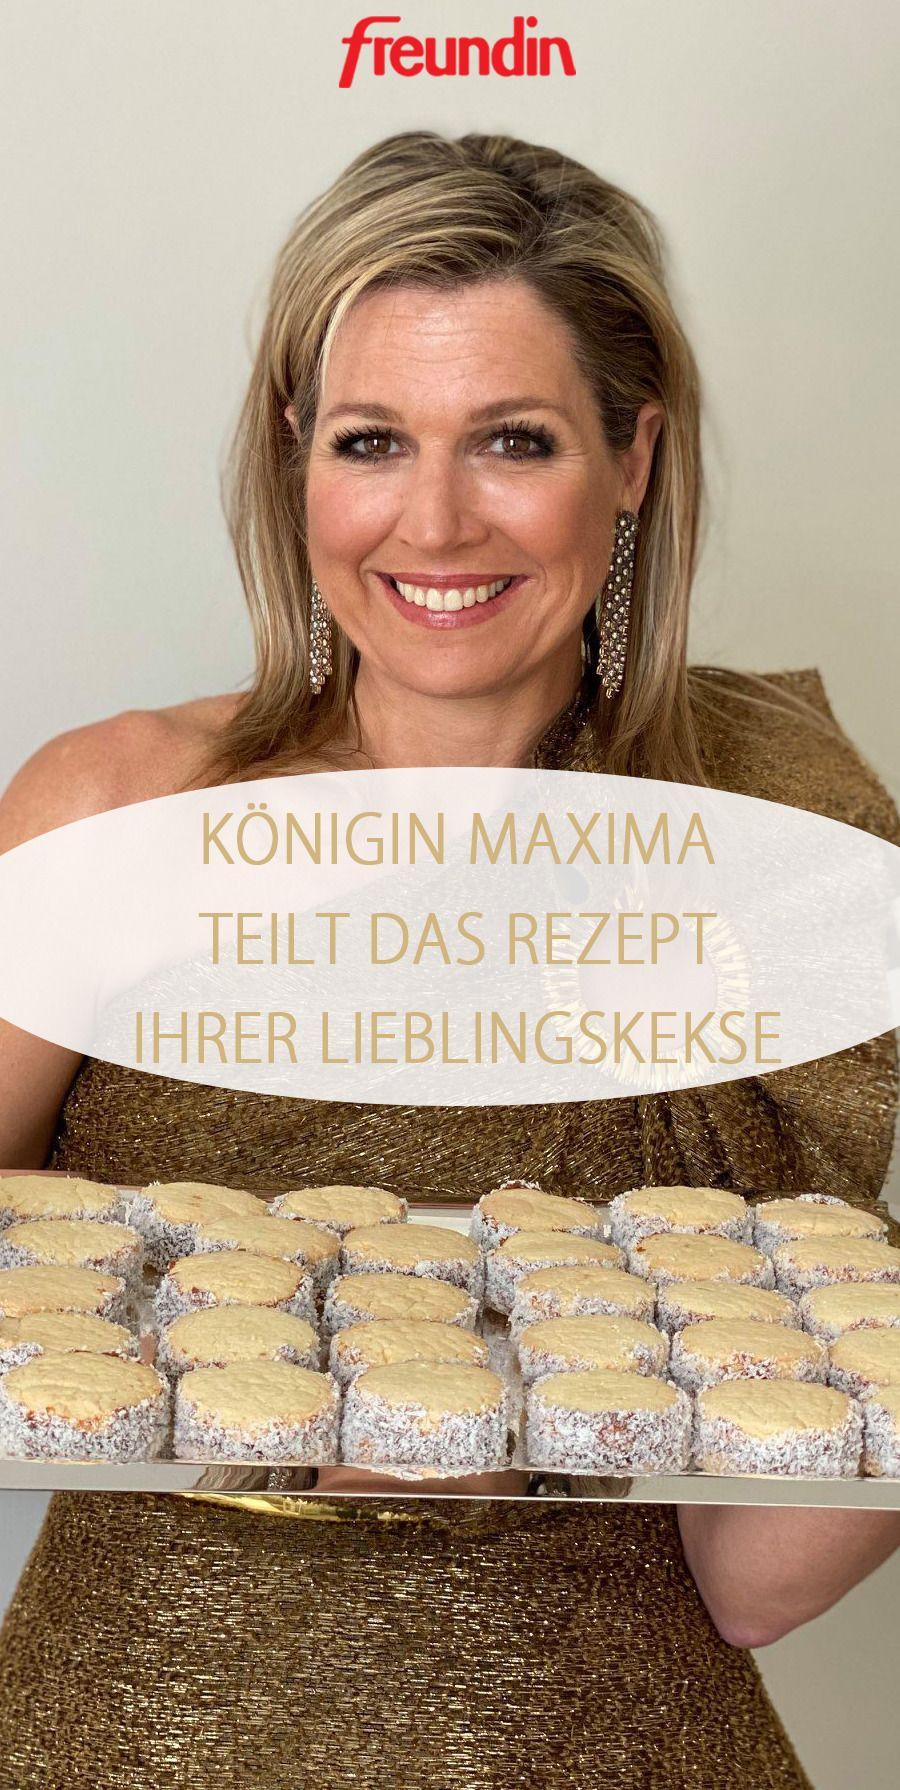 Königin Maxima teilt das Rezept für ihre Lieblingskekse | freundin.de